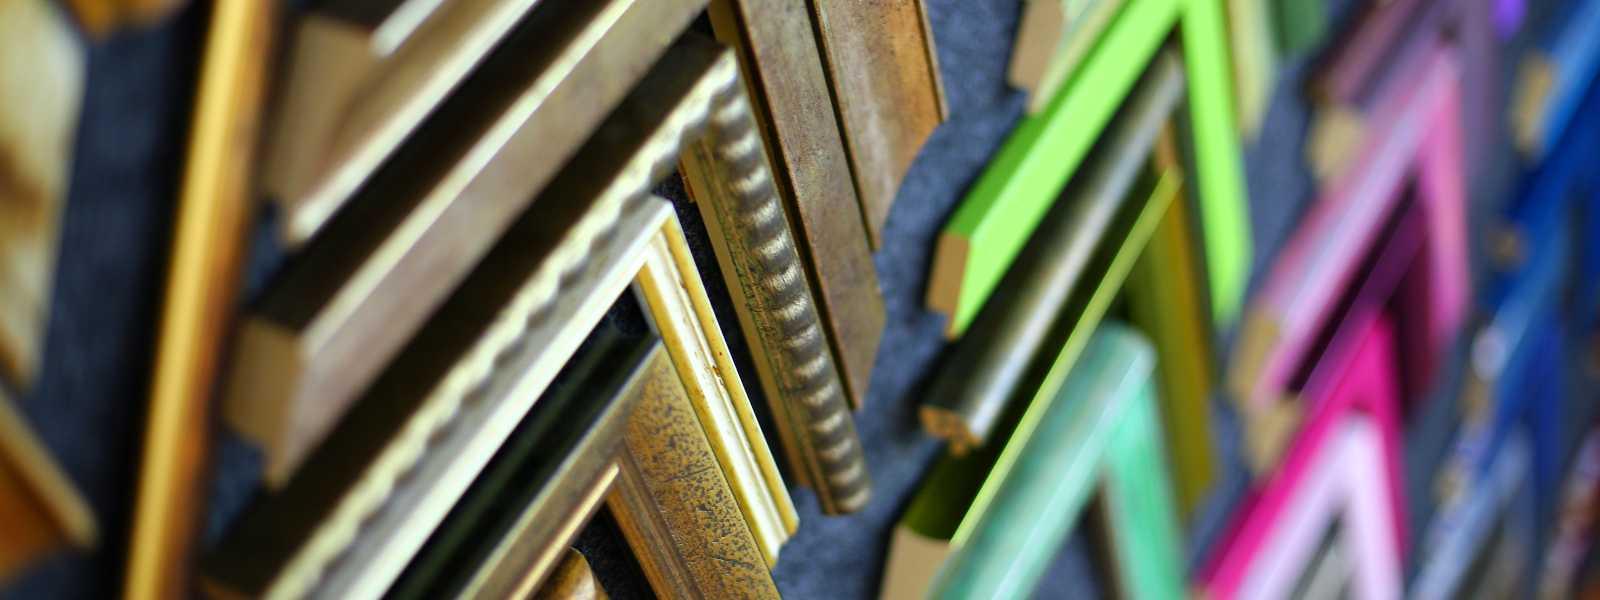 encadrement sur mesure en ligne et cadre sur mesure pour tableau photo toile poster. Black Bedroom Furniture Sets. Home Design Ideas